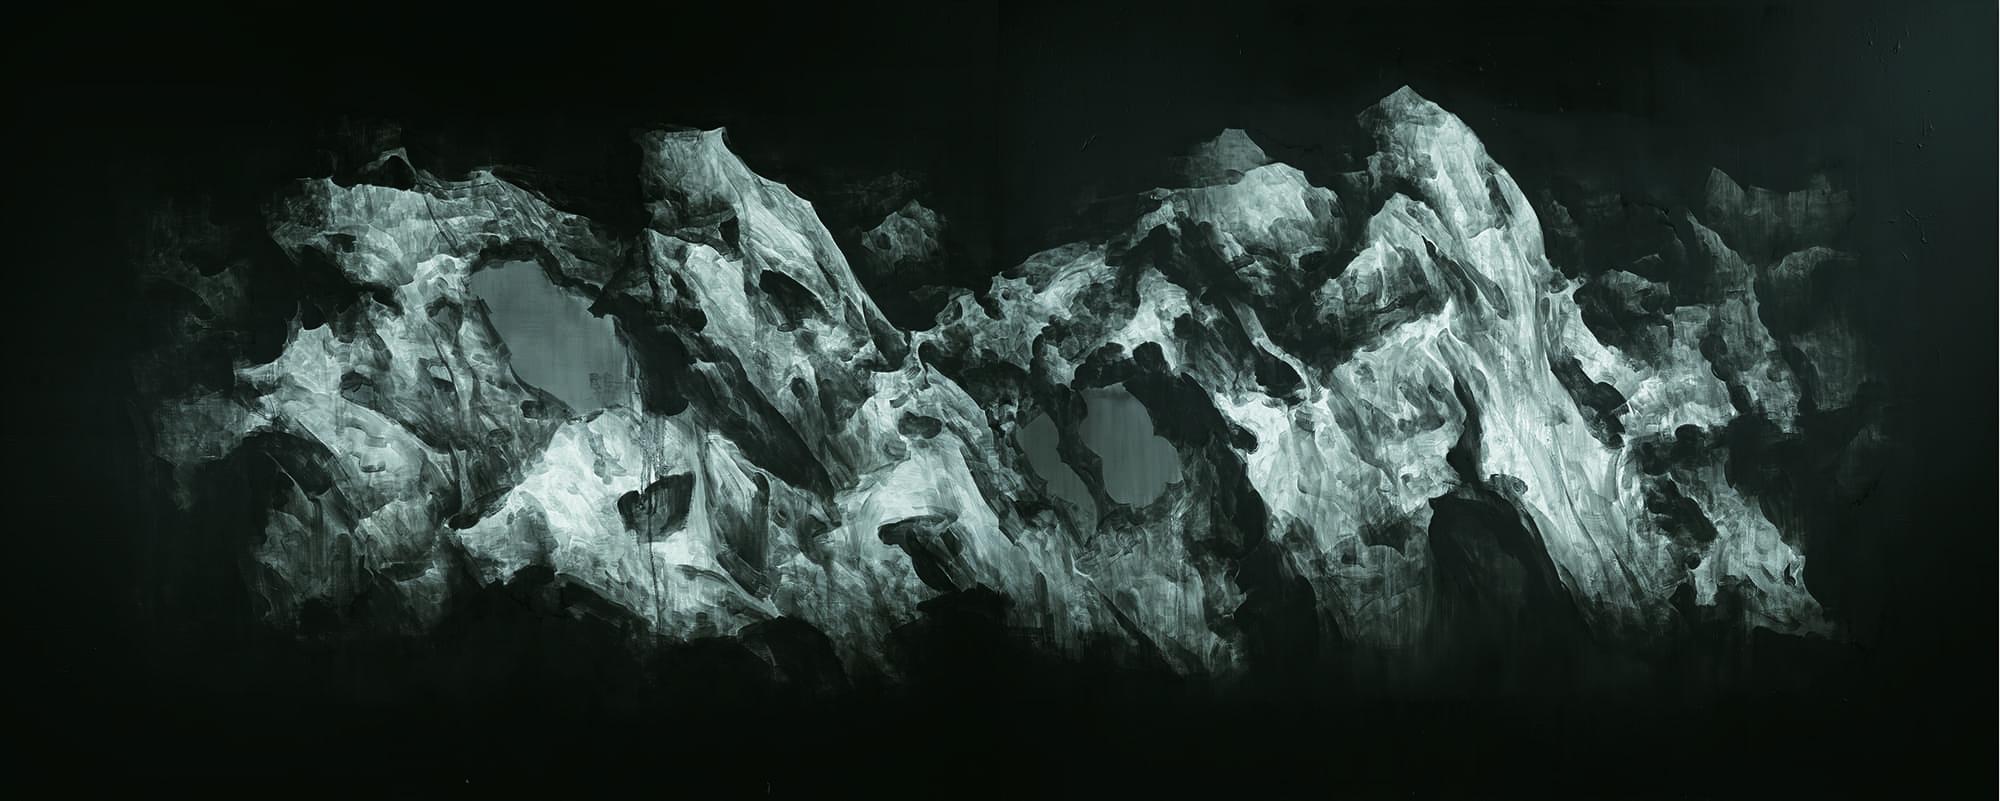 山石系列9号 2012 布面油画 200cm x 500cm Garden Rock Series No.9_2012  oil on canvas 200cm x 250cm x 2.jpg